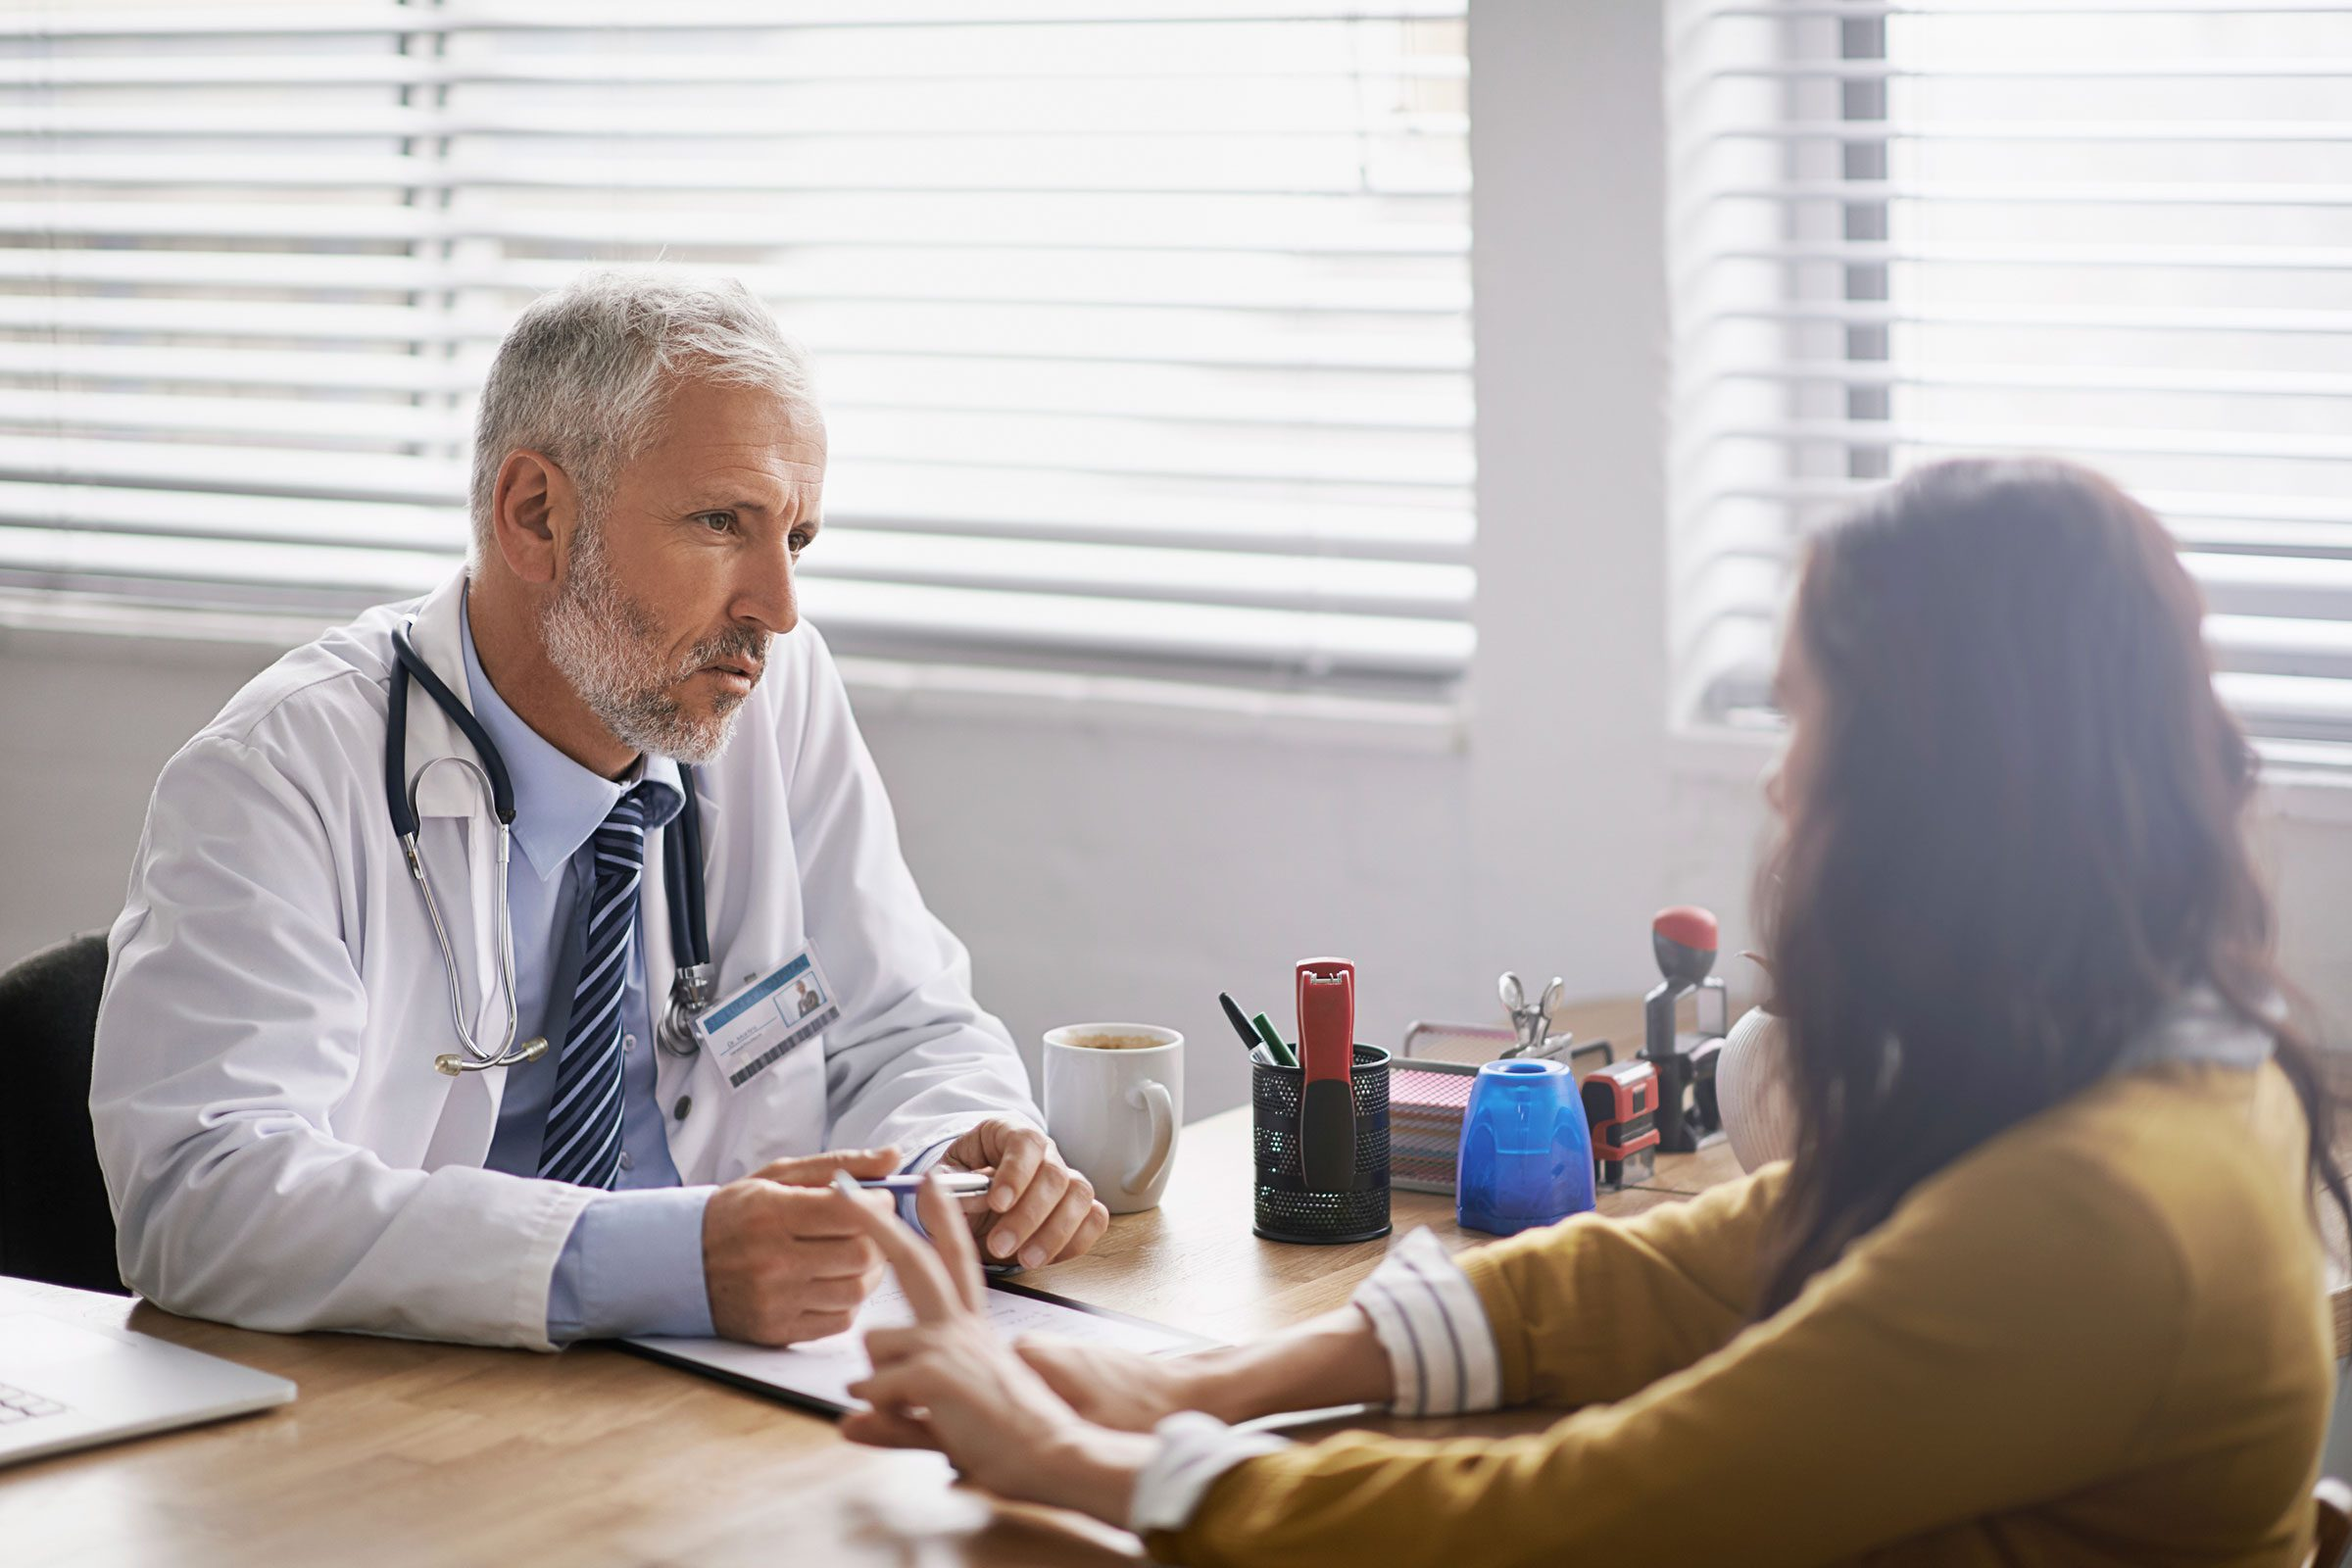 Un diagnostic de cancer du cerveau est terrifiant et les symptômes de la tumeur peuvent ressembler à des maux fréquents.